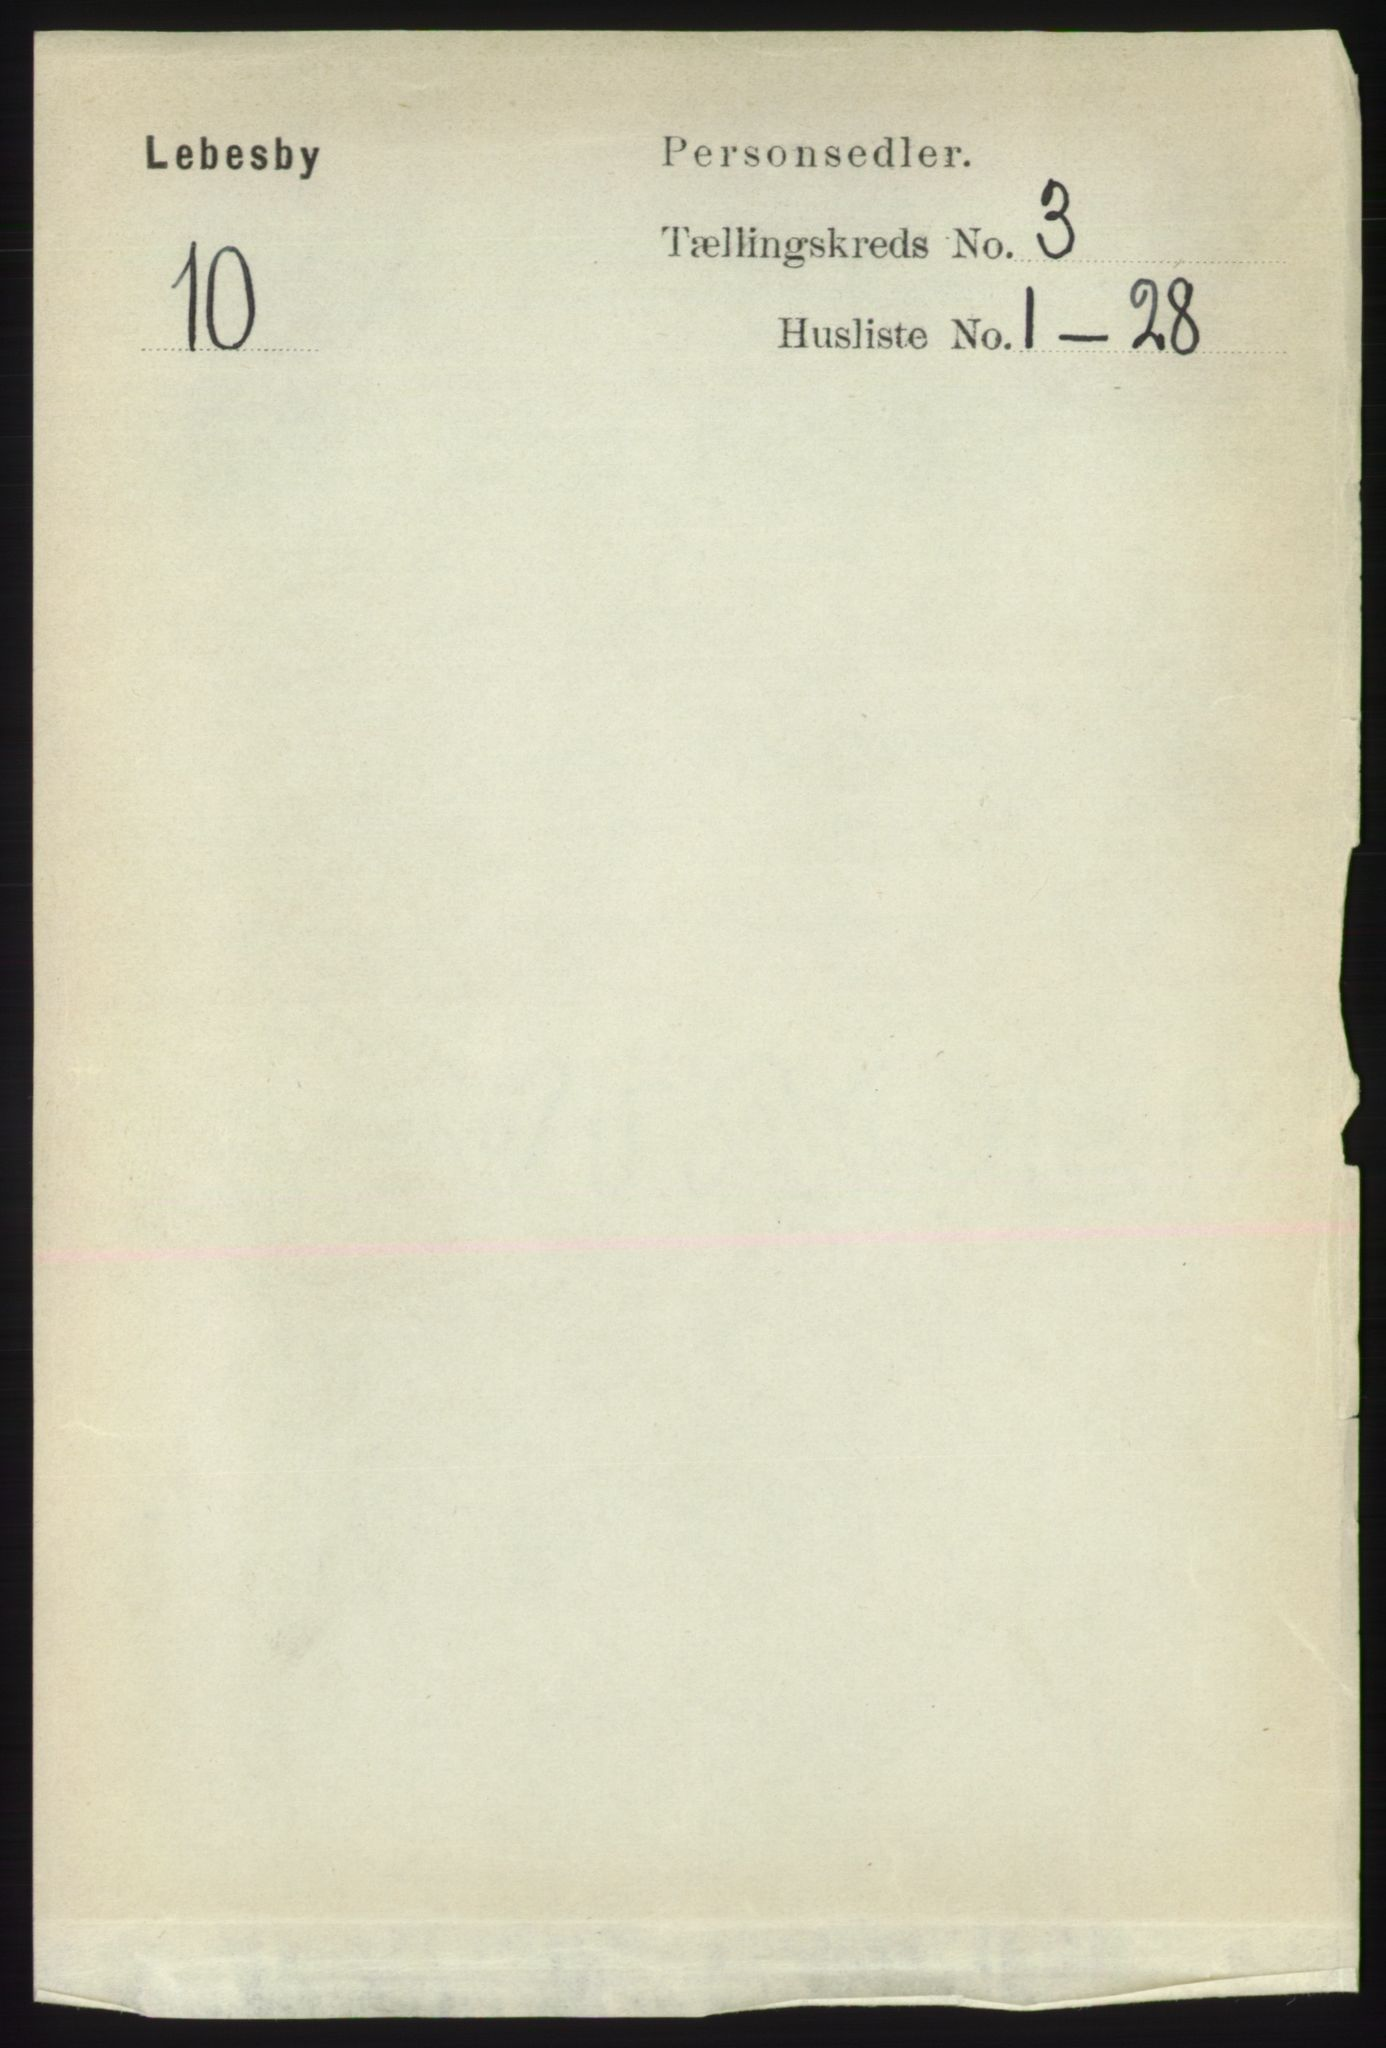 RA, Folketelling 1891 for 2022 Lebesby herred, 1891, s. 728